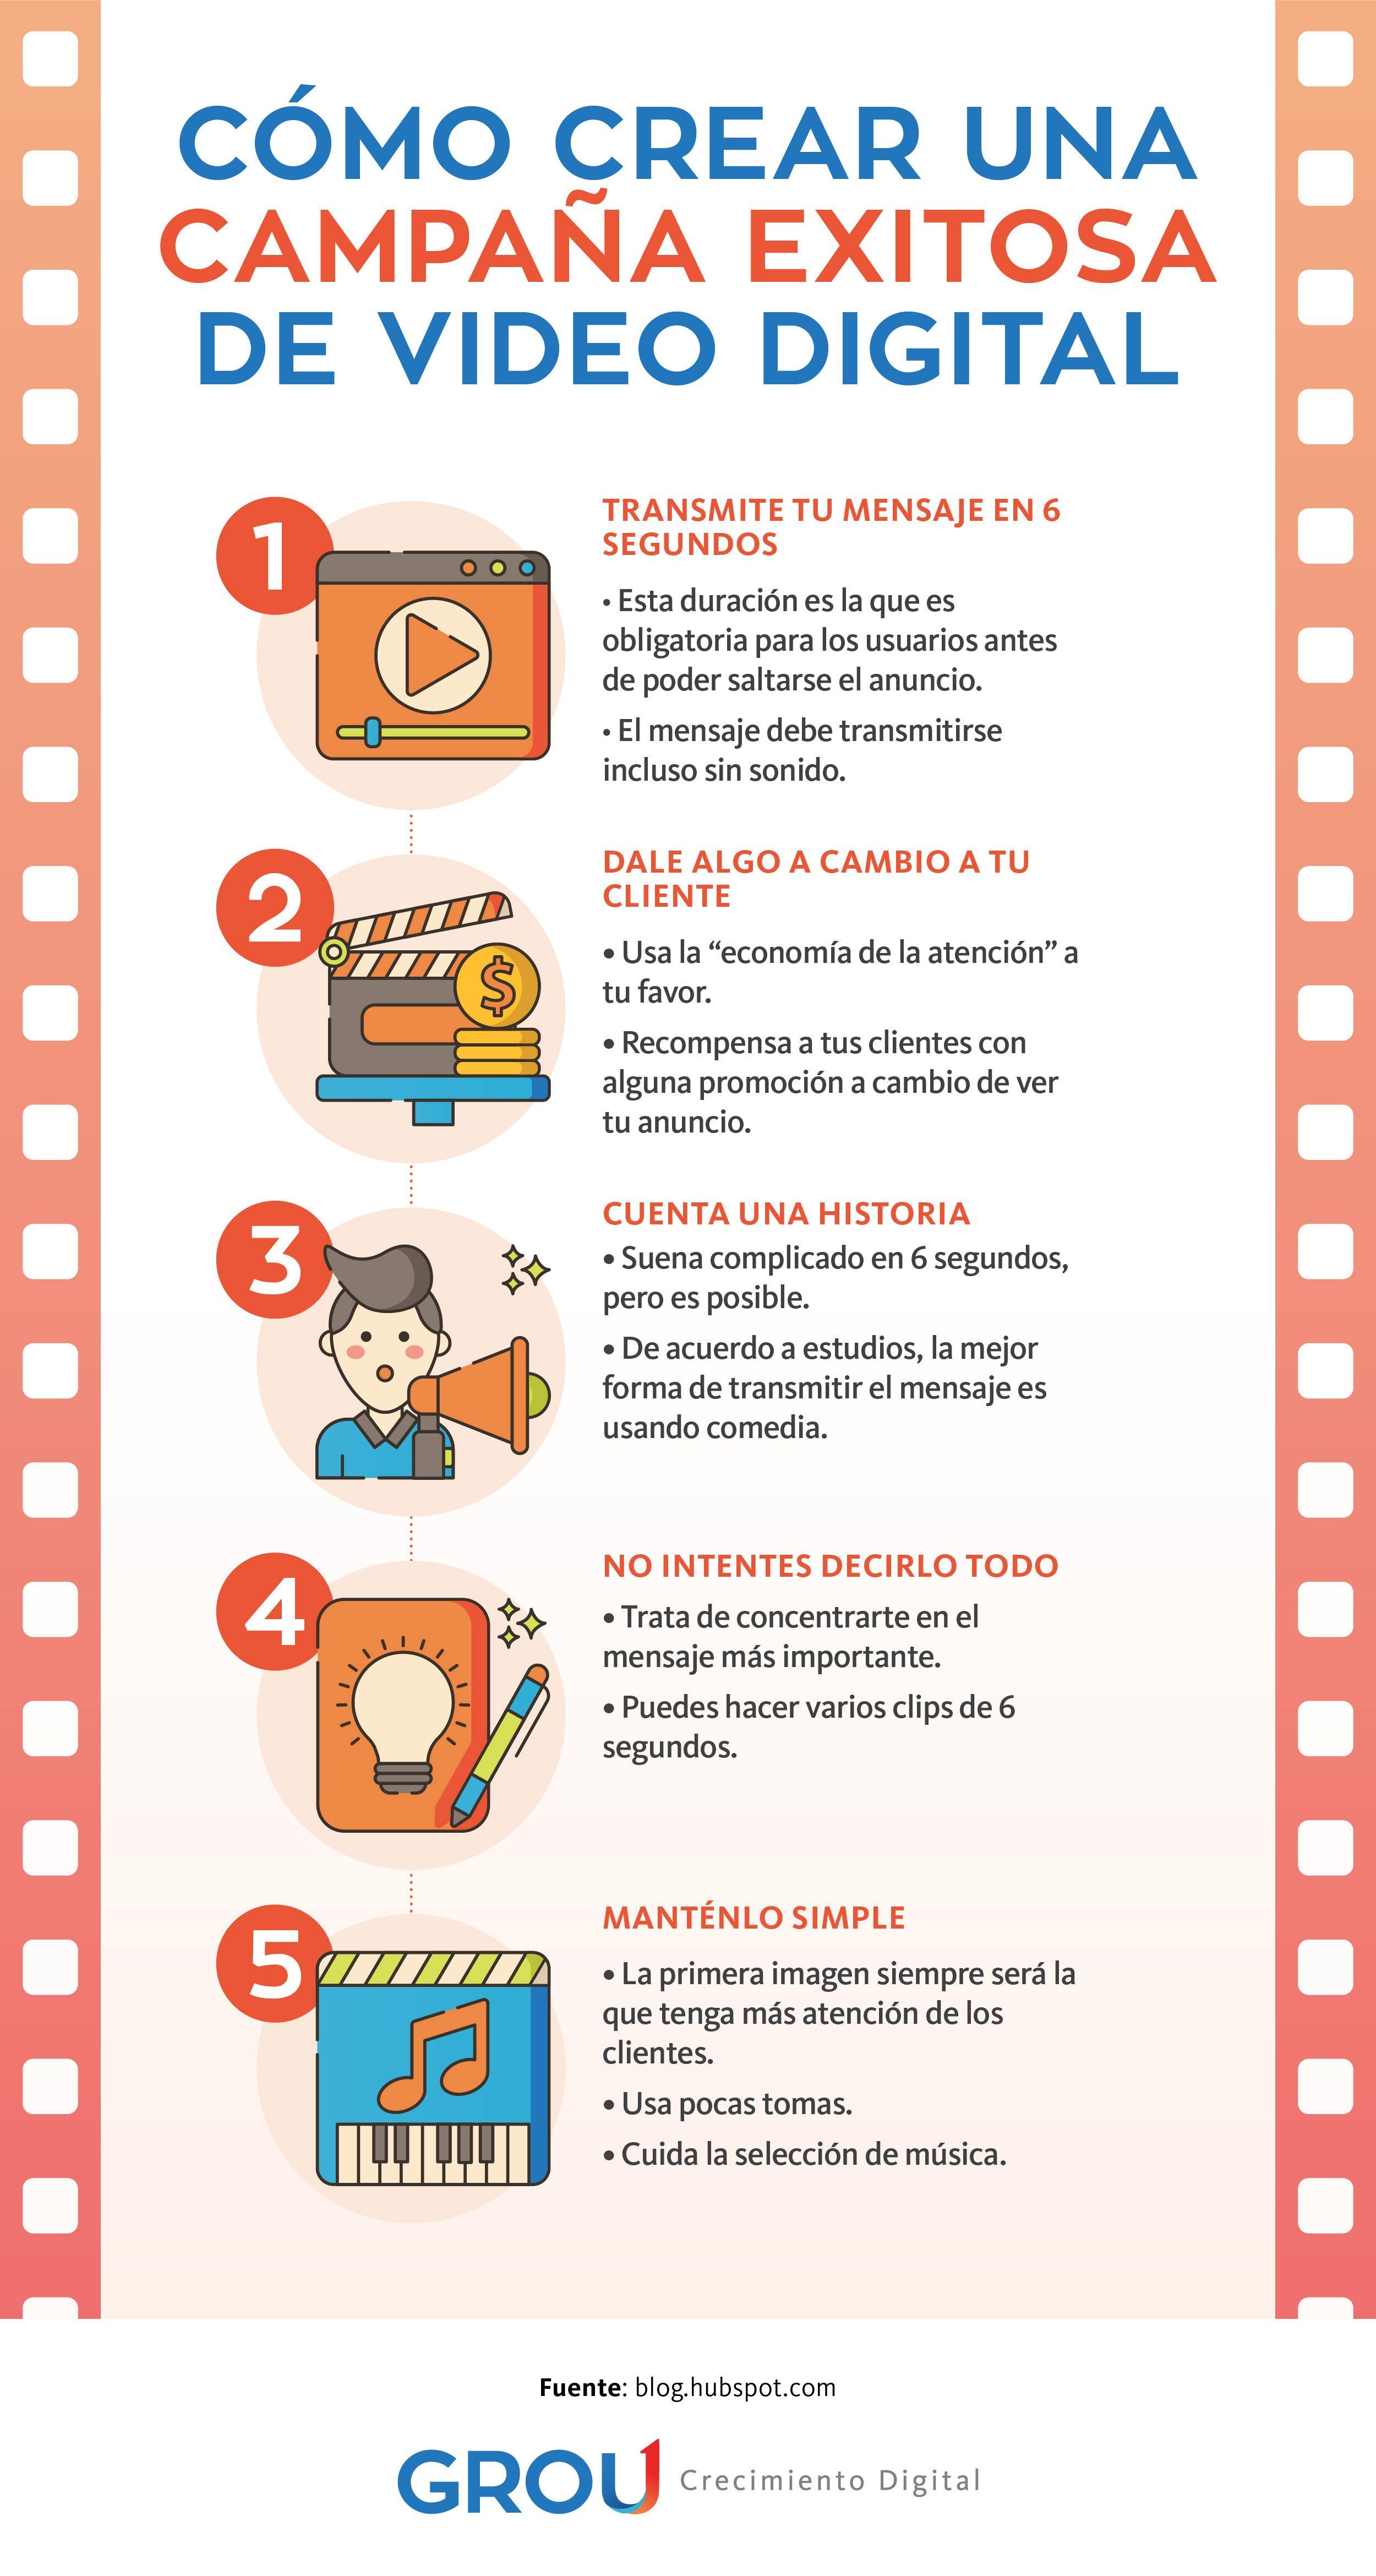 Cómo crear una campaña de marketing en vídeo #infografia #infographic #marketing